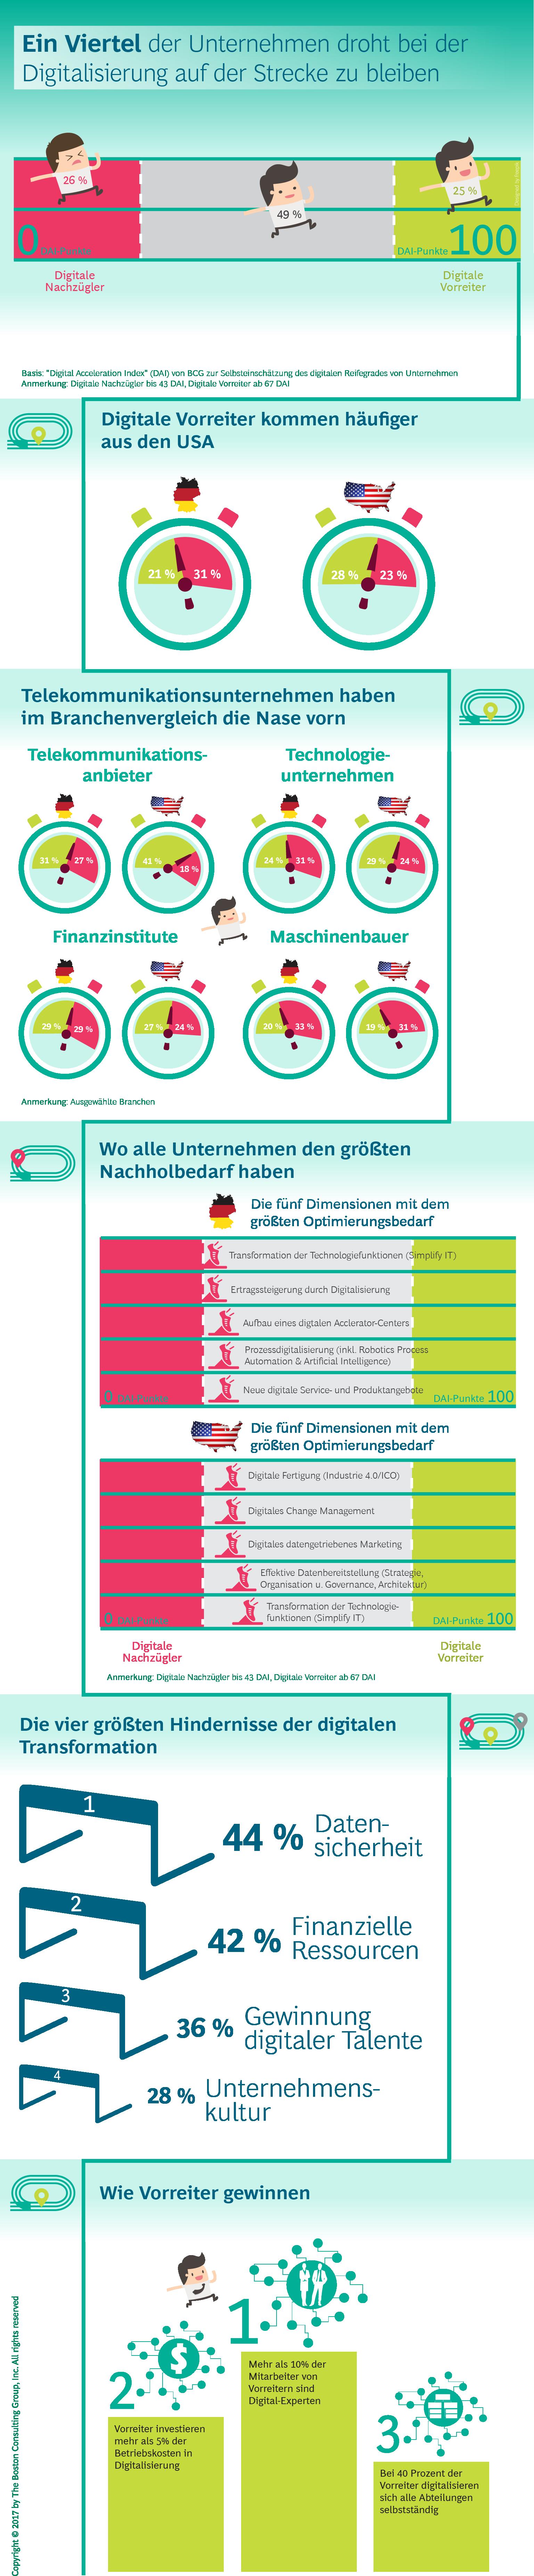 Infografik zur Studie zur Digitalisierung der Arbeitswelt